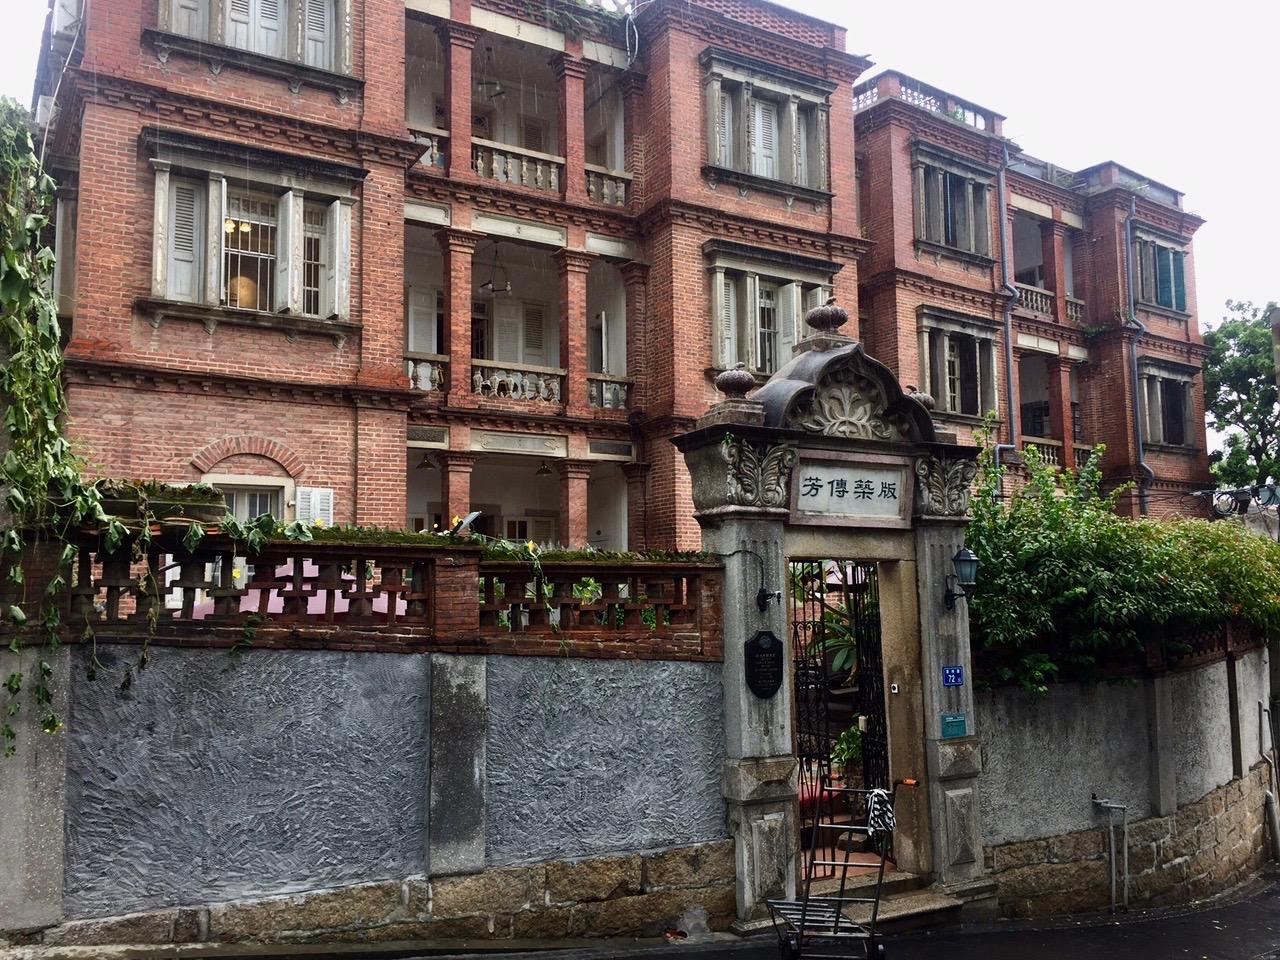 Colonial building Gulangyu Island Xiamen Fujian province China